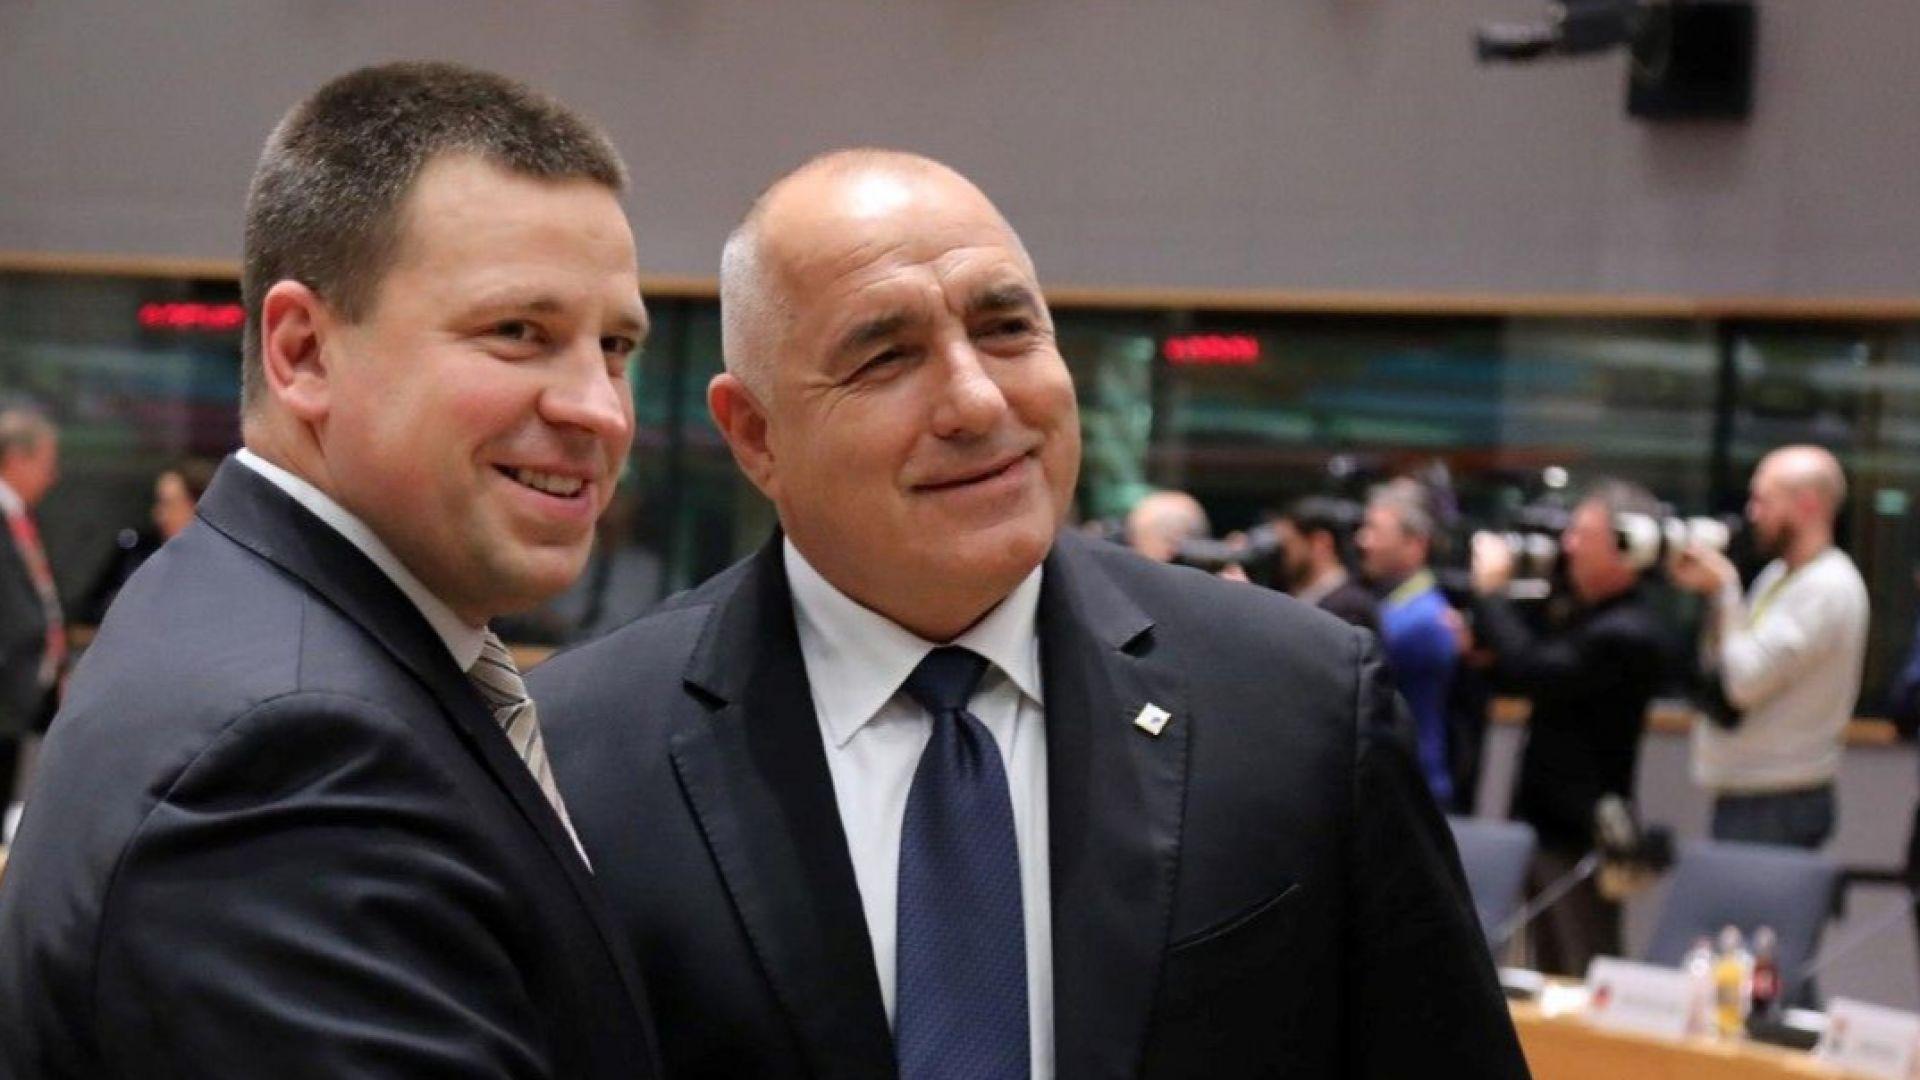 Борисов каза на колегите си в Брюксел защо не сме подписали миграционния пакт